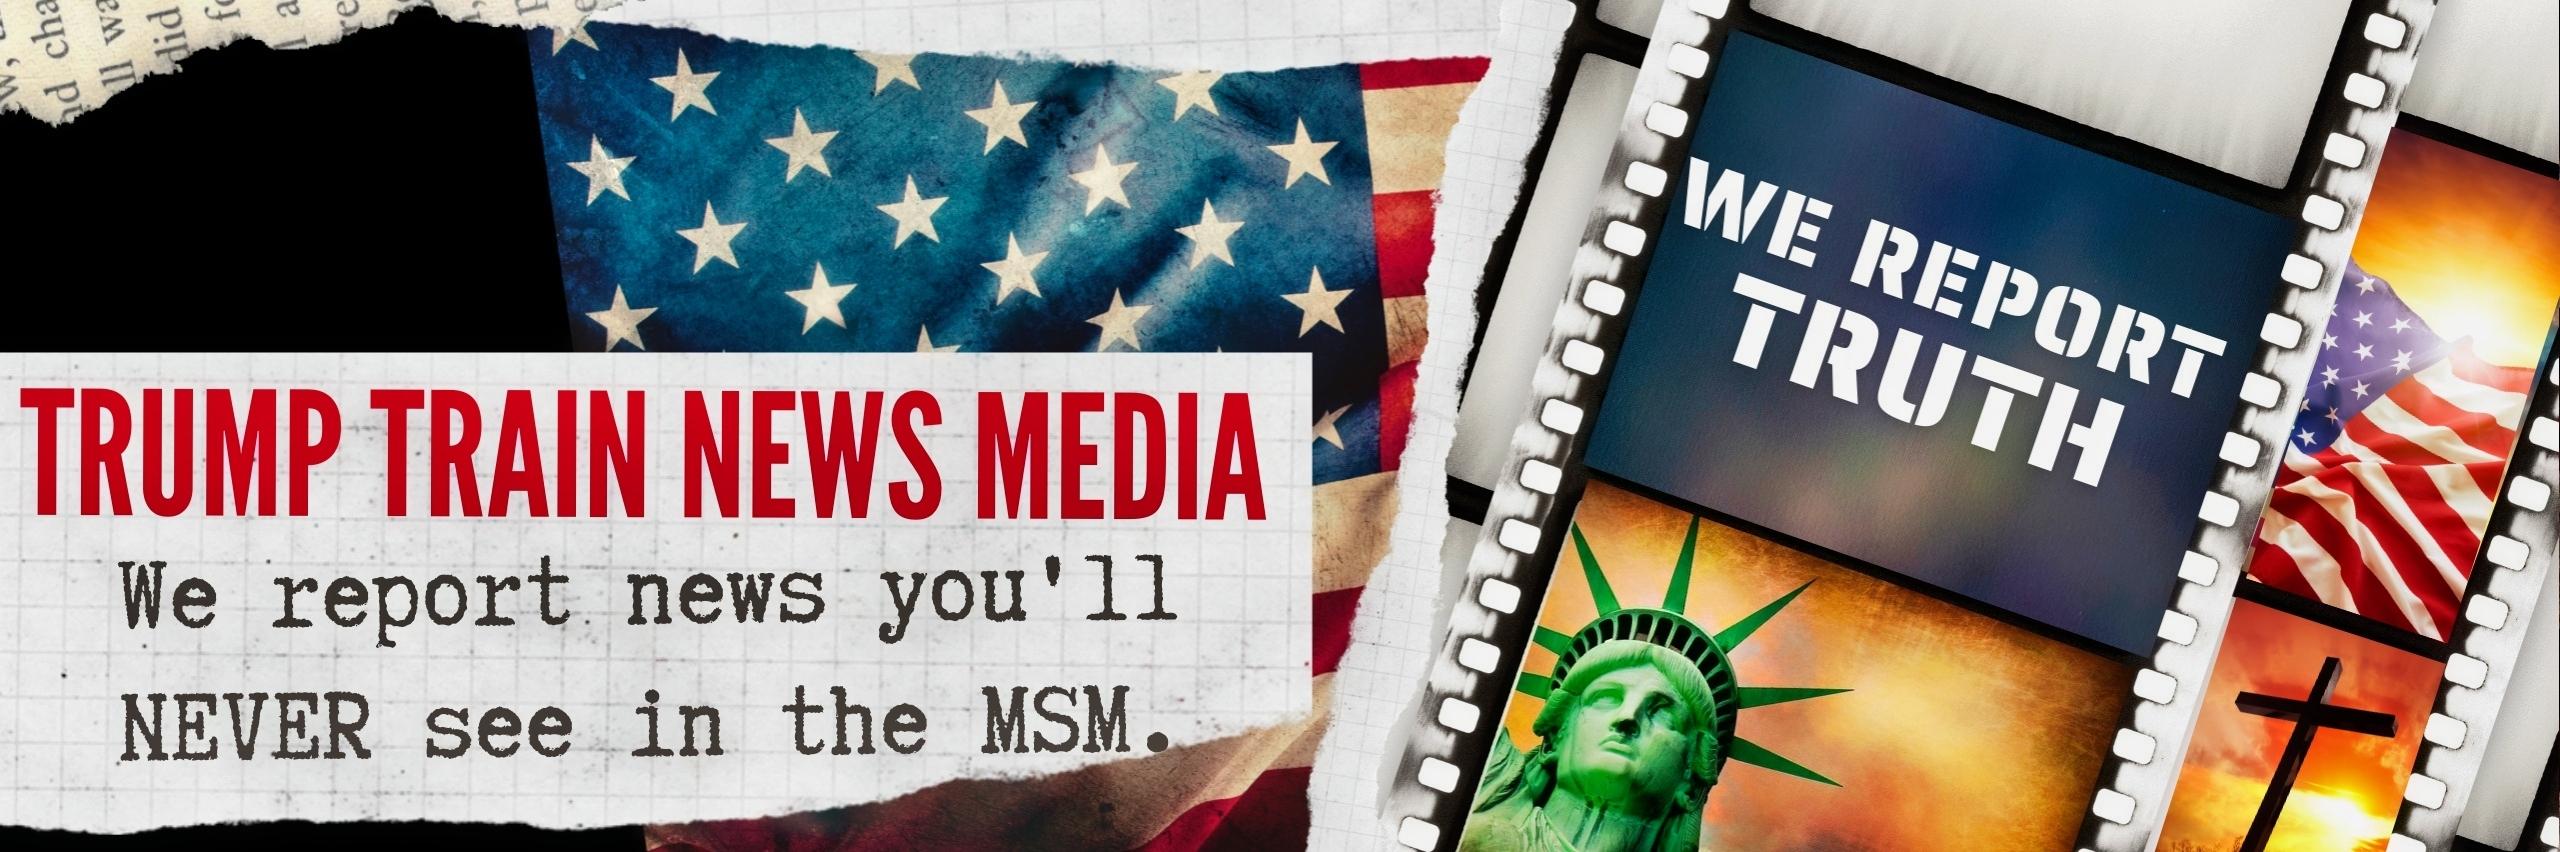 Trump_Train_News Media-header02